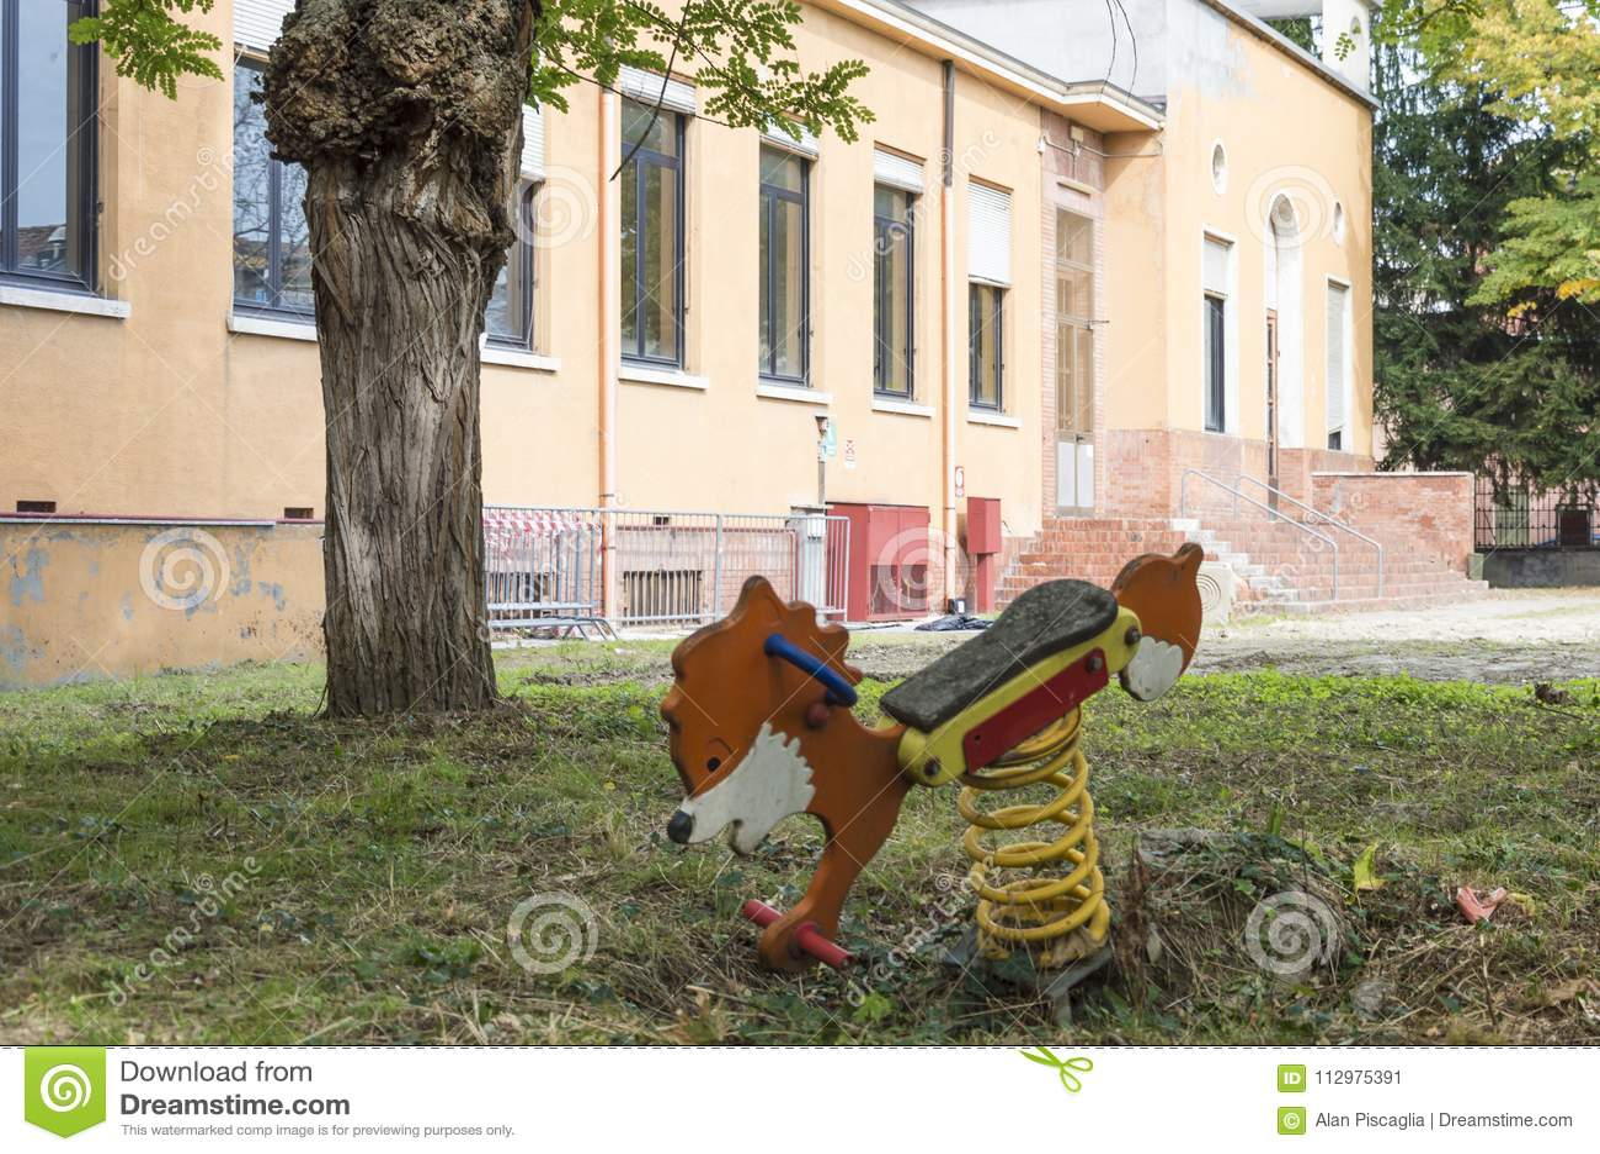 Horse Garden Toy